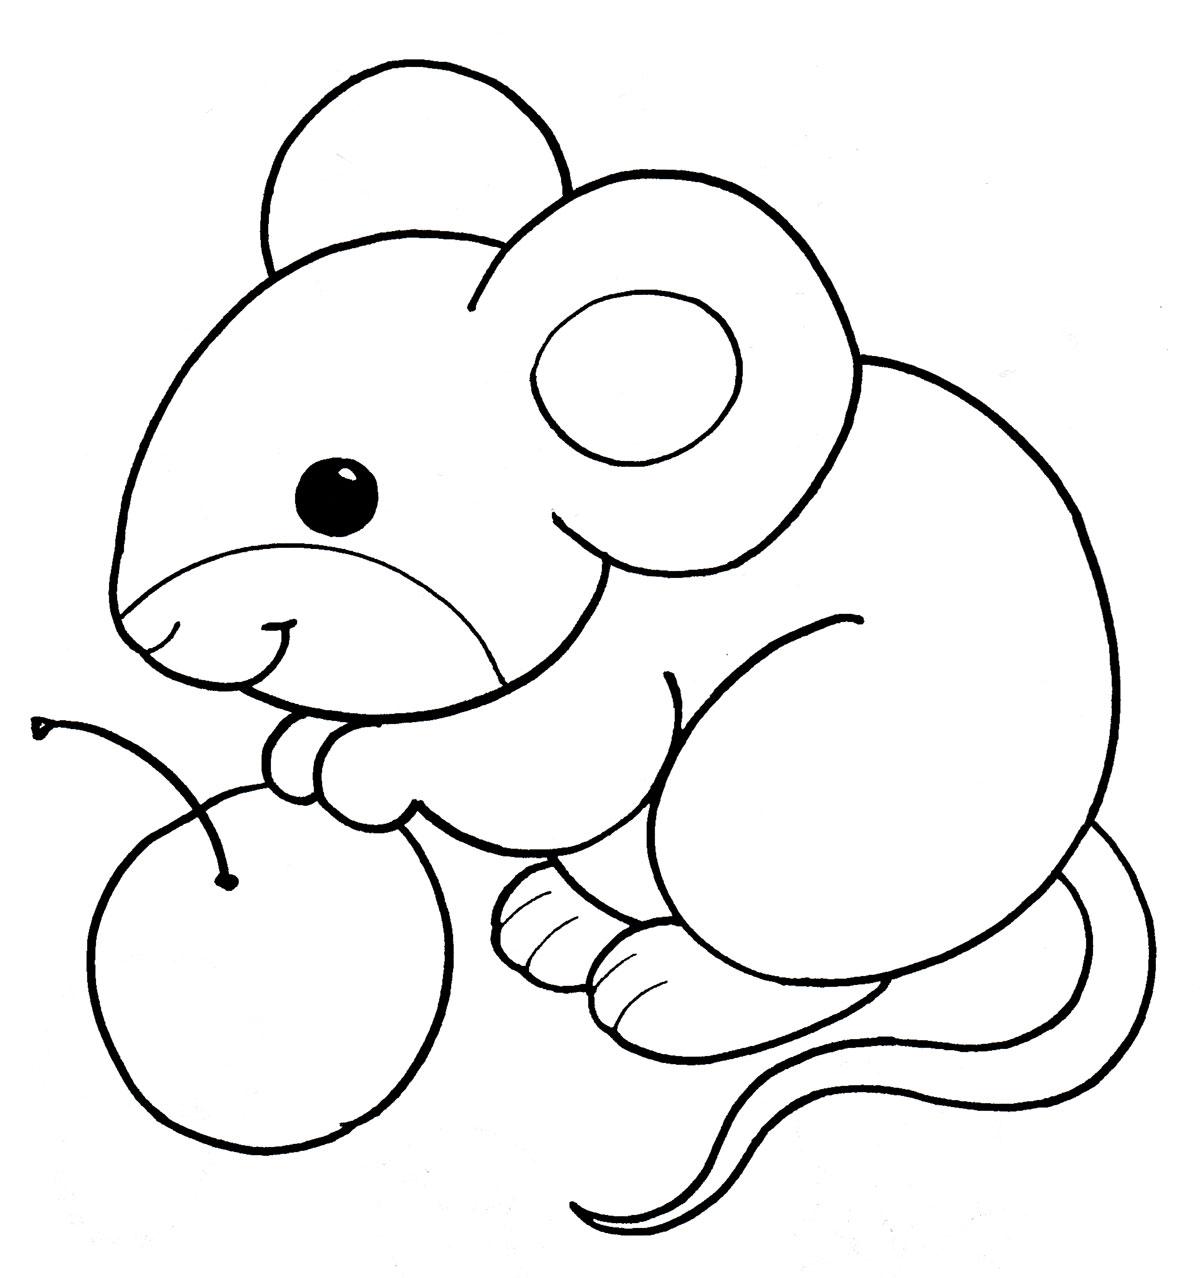 Контурные рисунок мышки